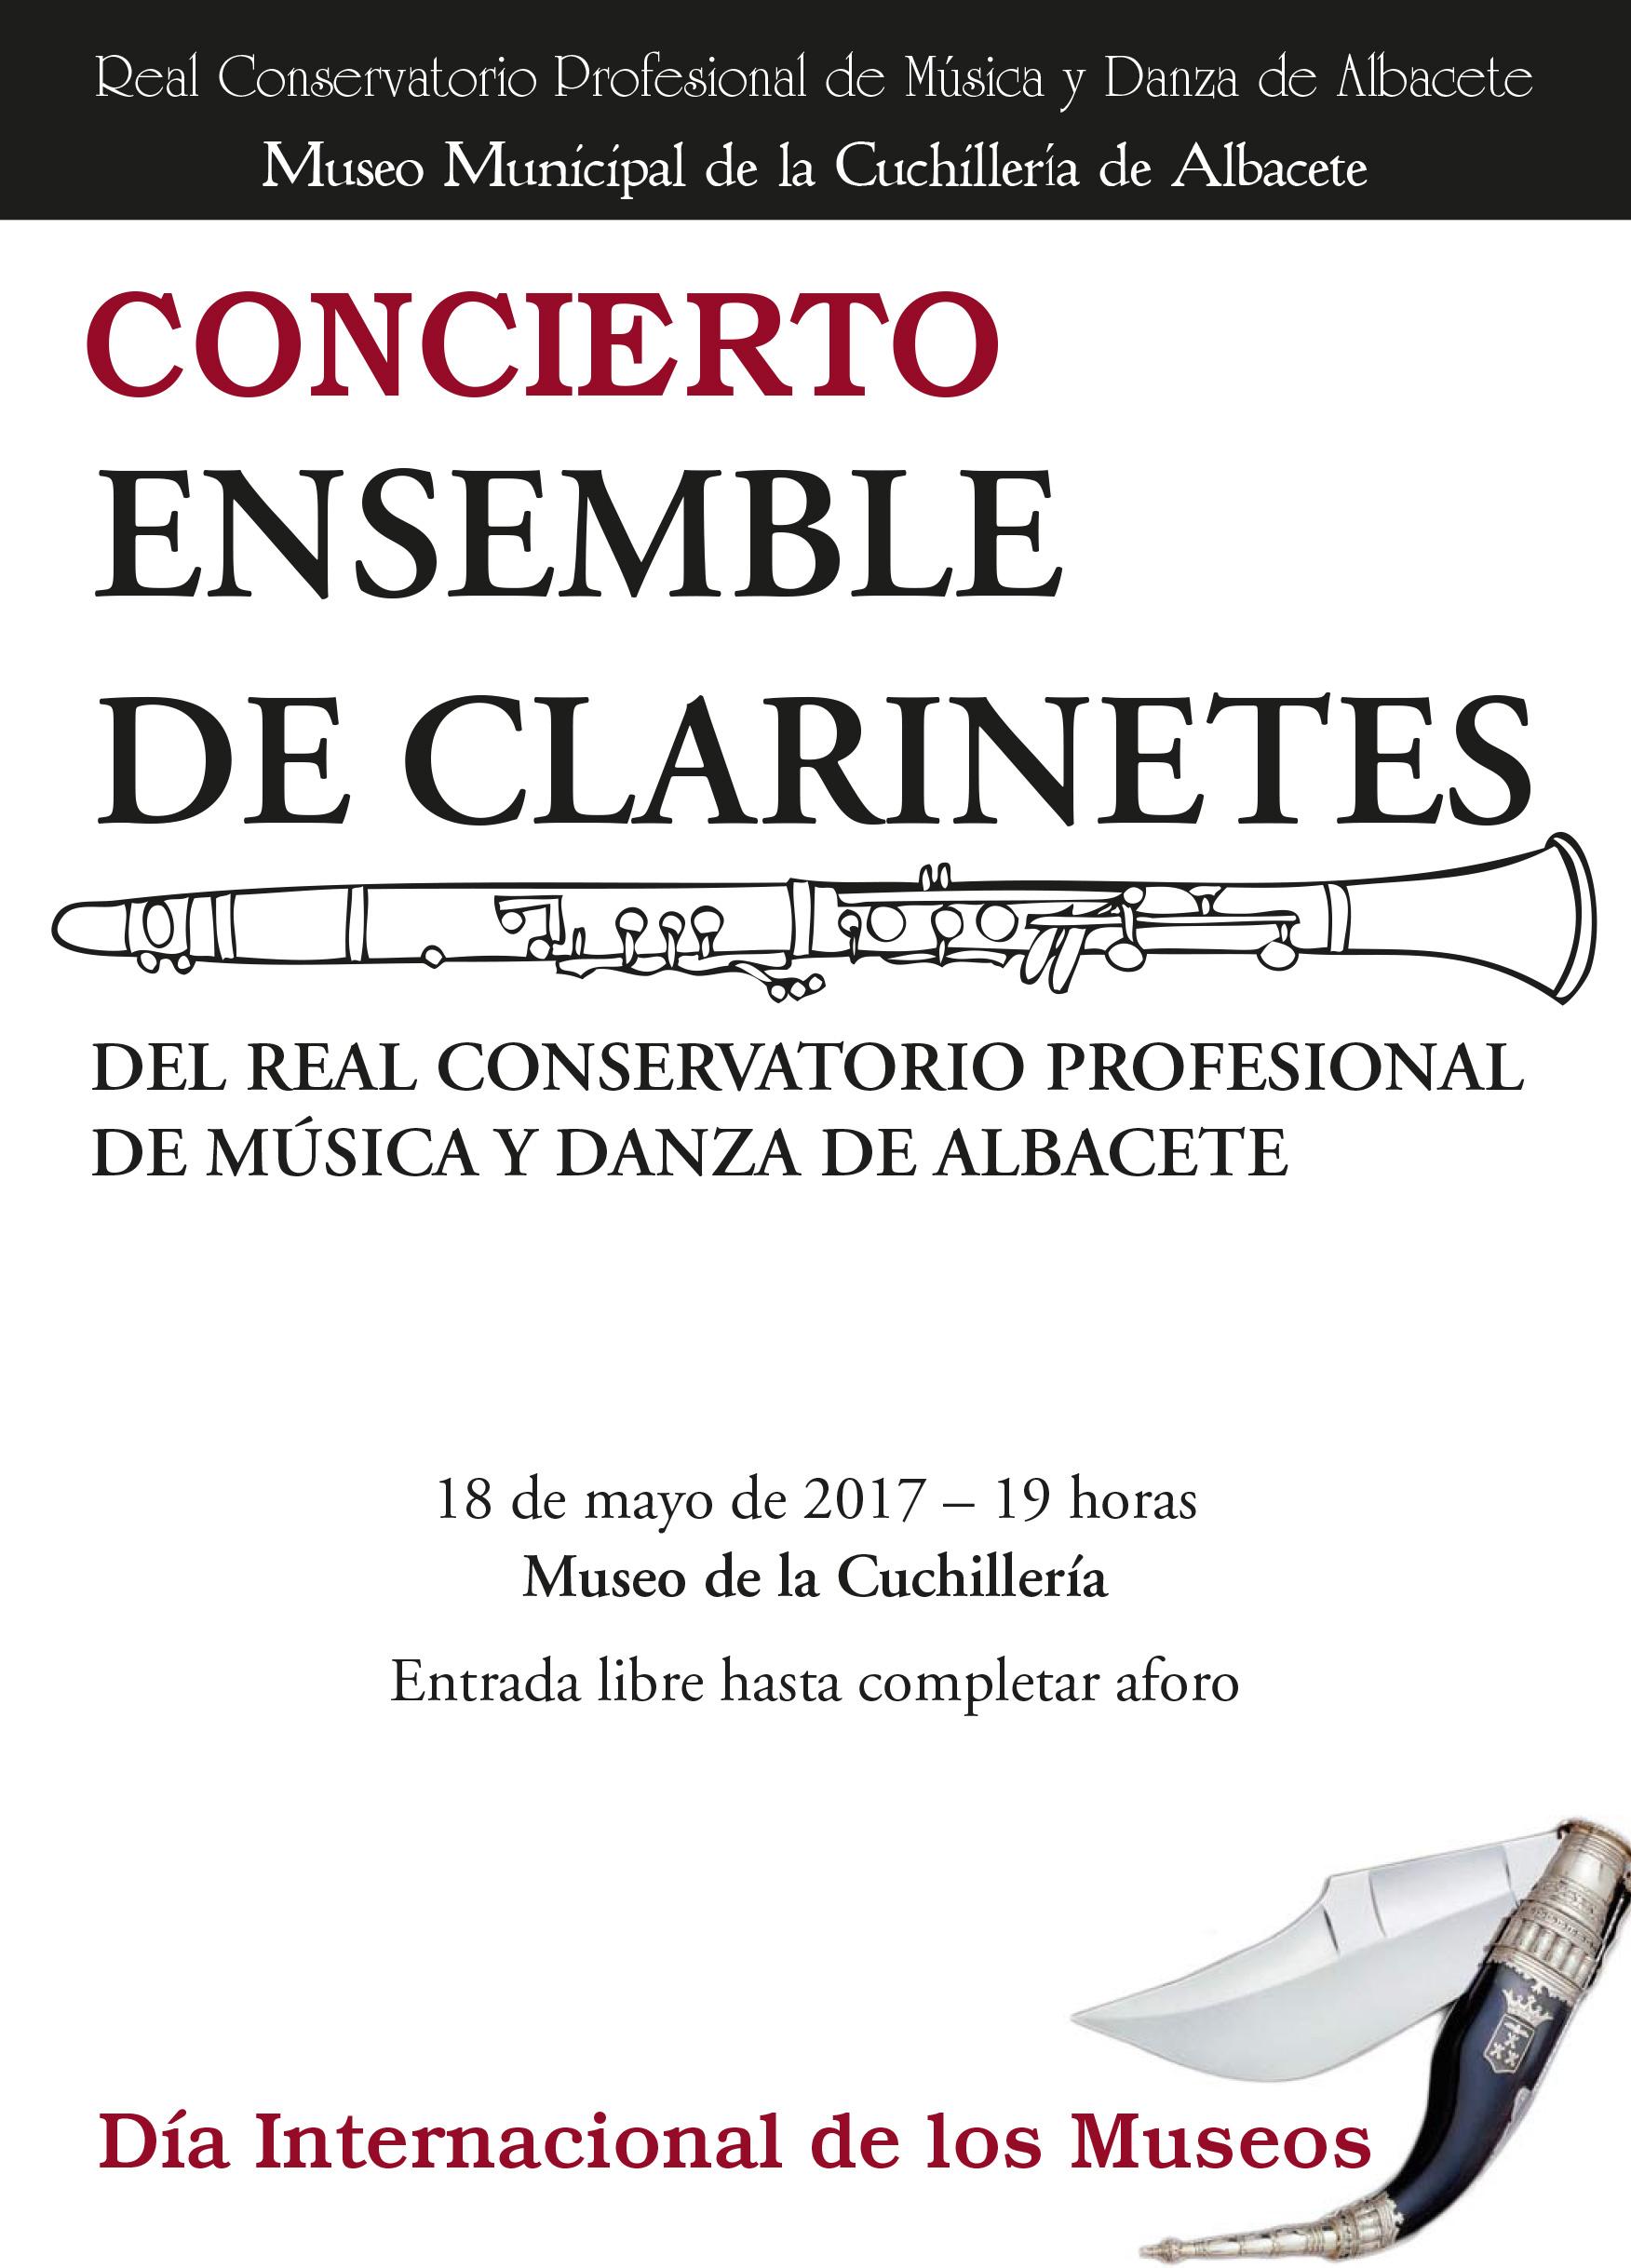 Ensamble de Clarinetes